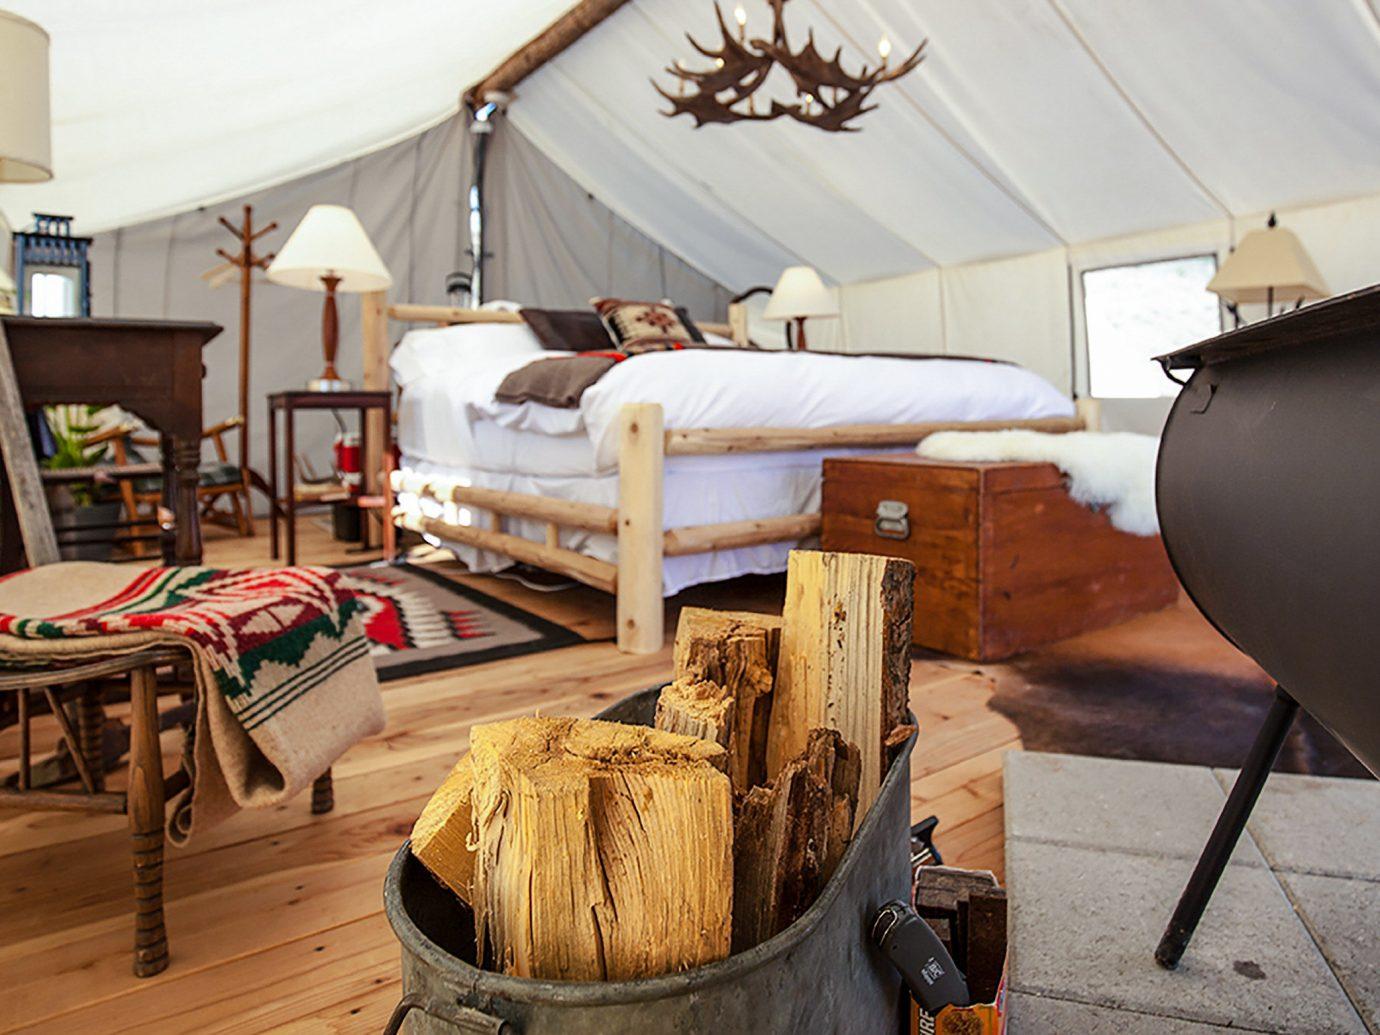 Offbeat indoor floor room Living furniture interior design Bedroom home bed Suite